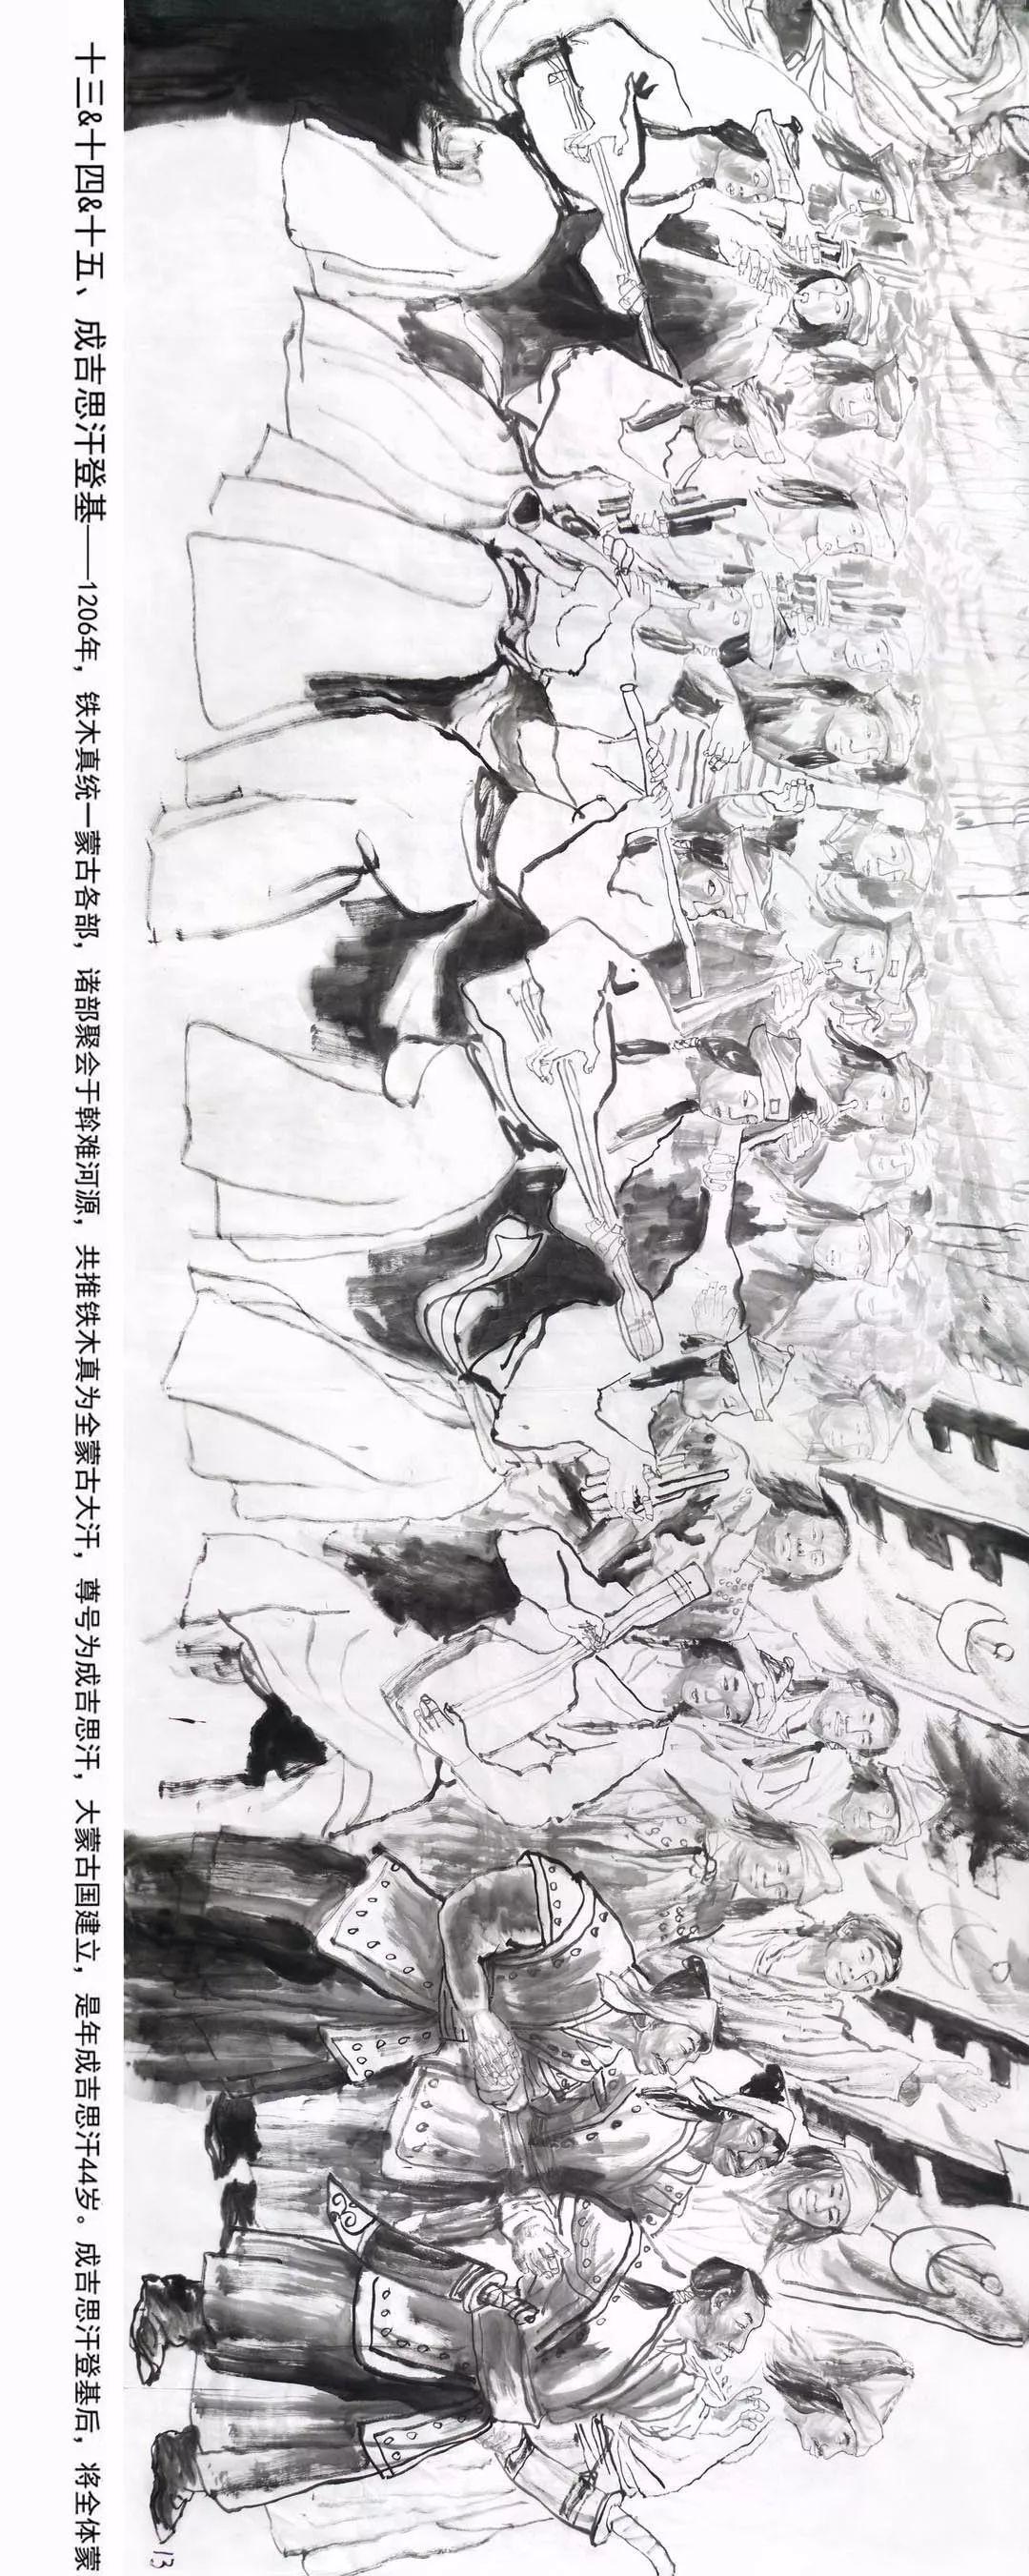 【经典】《蒙古魂》国画写意,大师所创,值得收藏。 第11张